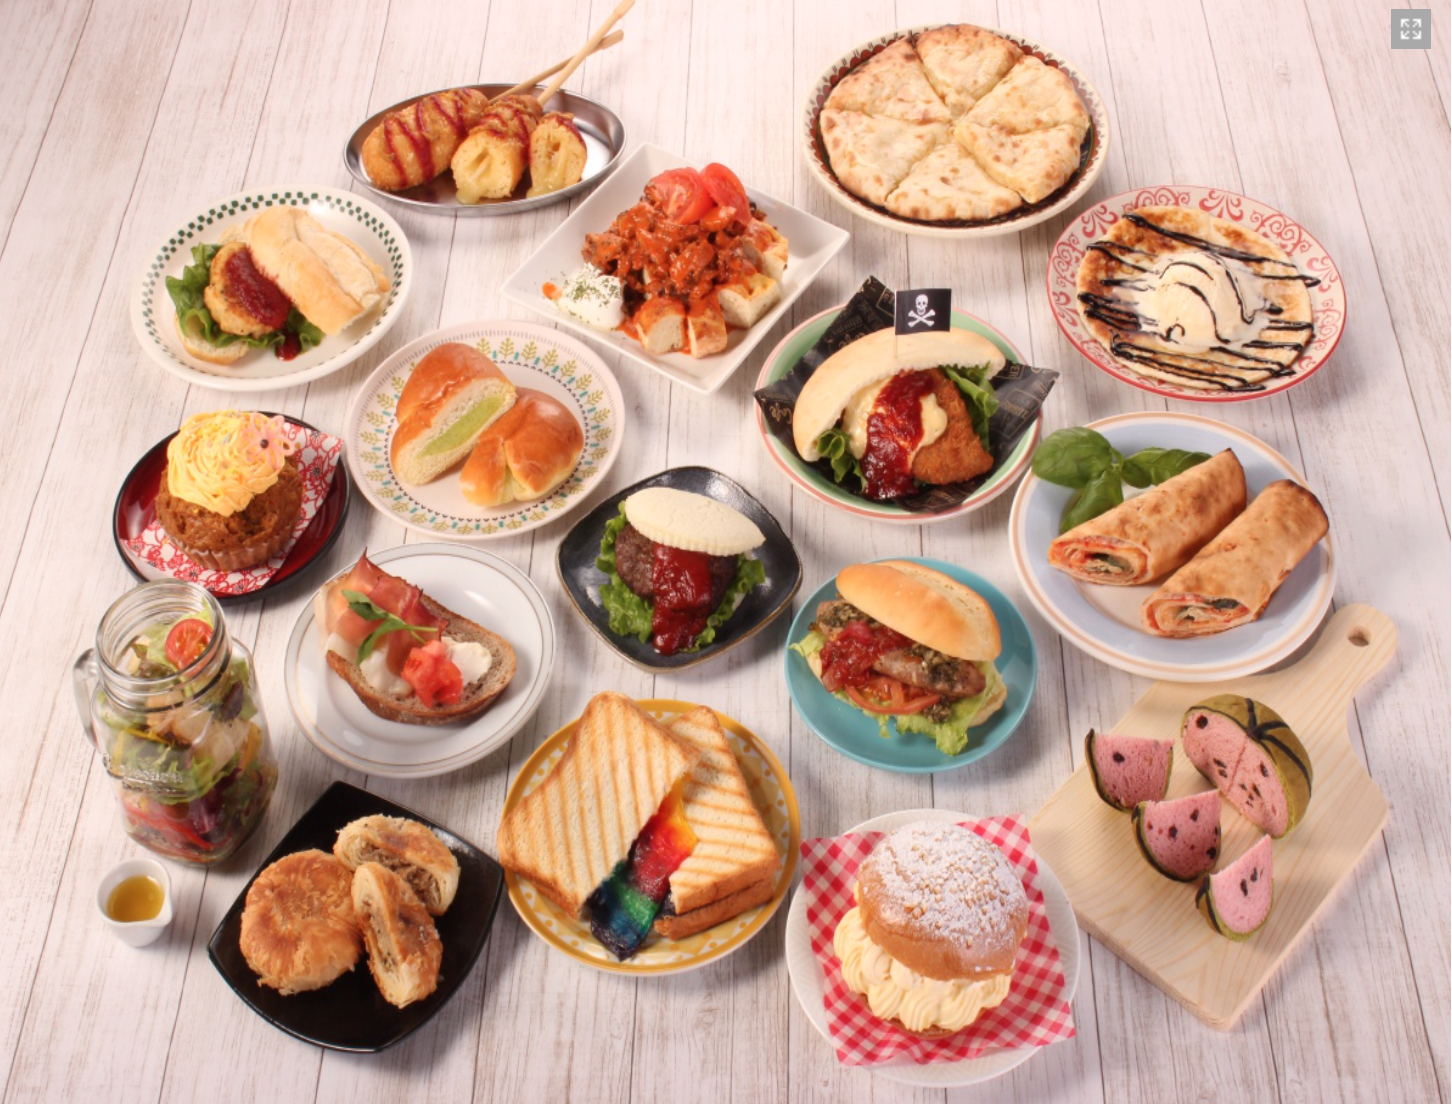 リトルワールドで「世界のパン祭り」が開催中!13ヶ国の個性的なパンを味わい尽くそう! - 7897928f3910305e37cb9d491bb35885